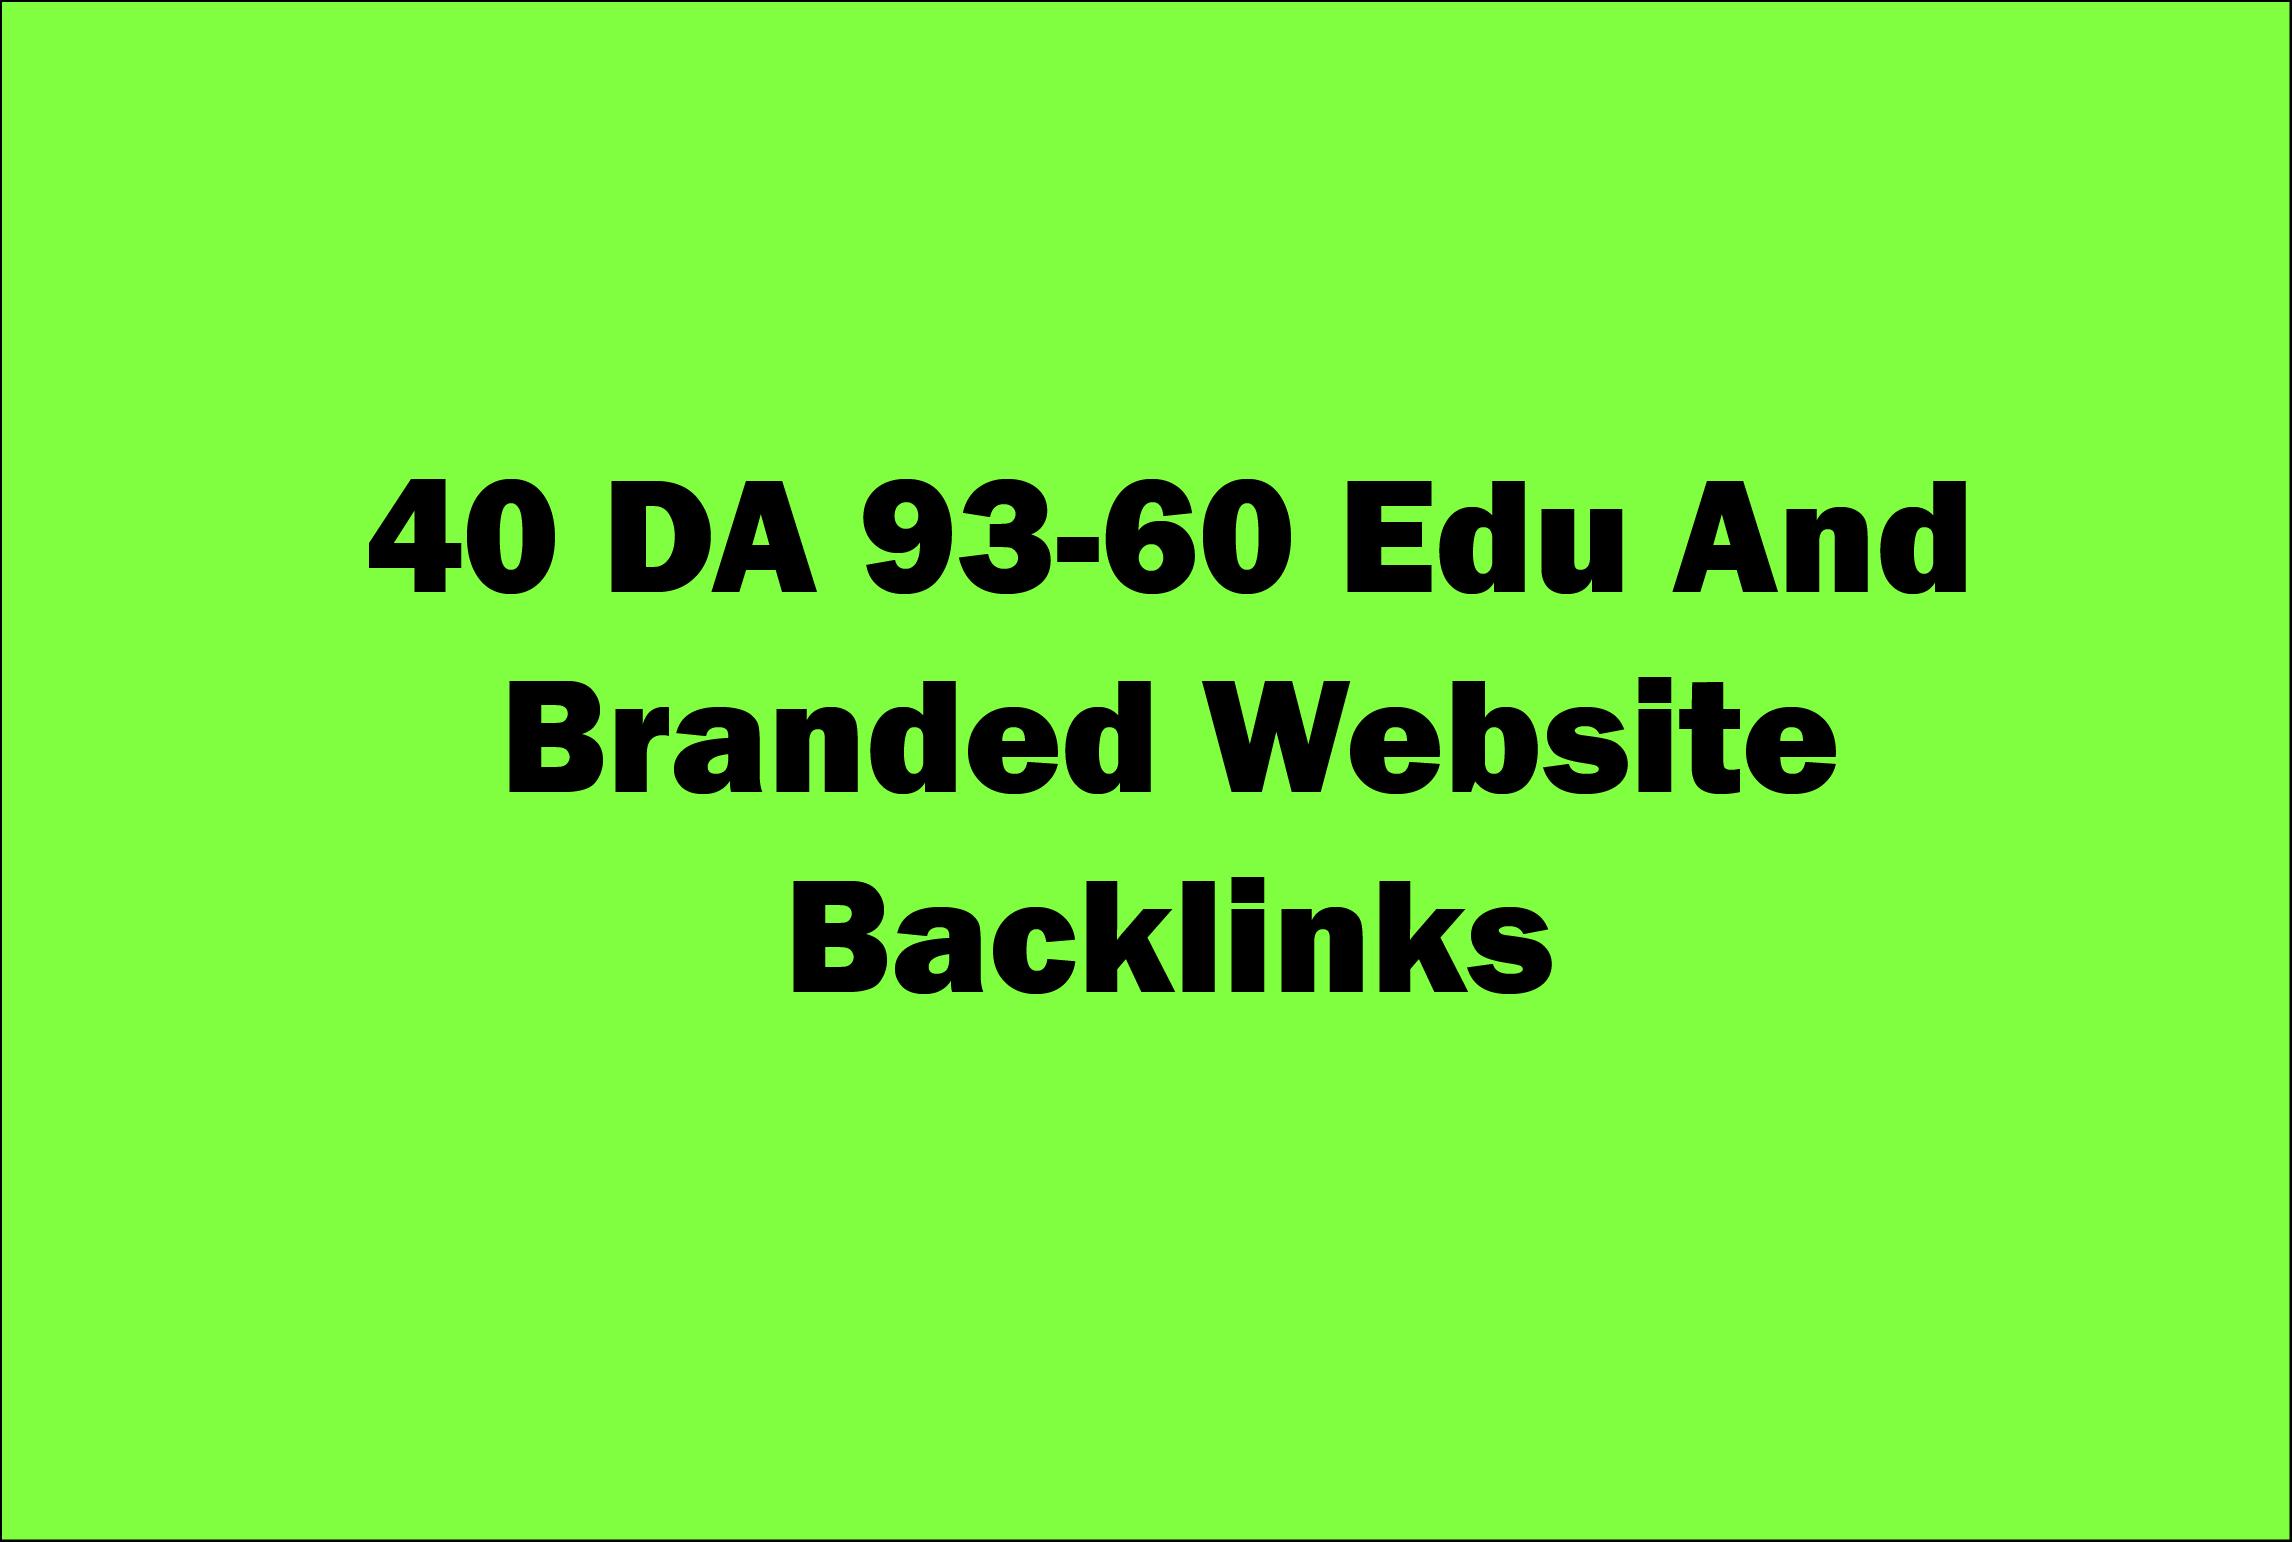 40 High DA-PA 93-60 Edu & Branded Websites Back-links